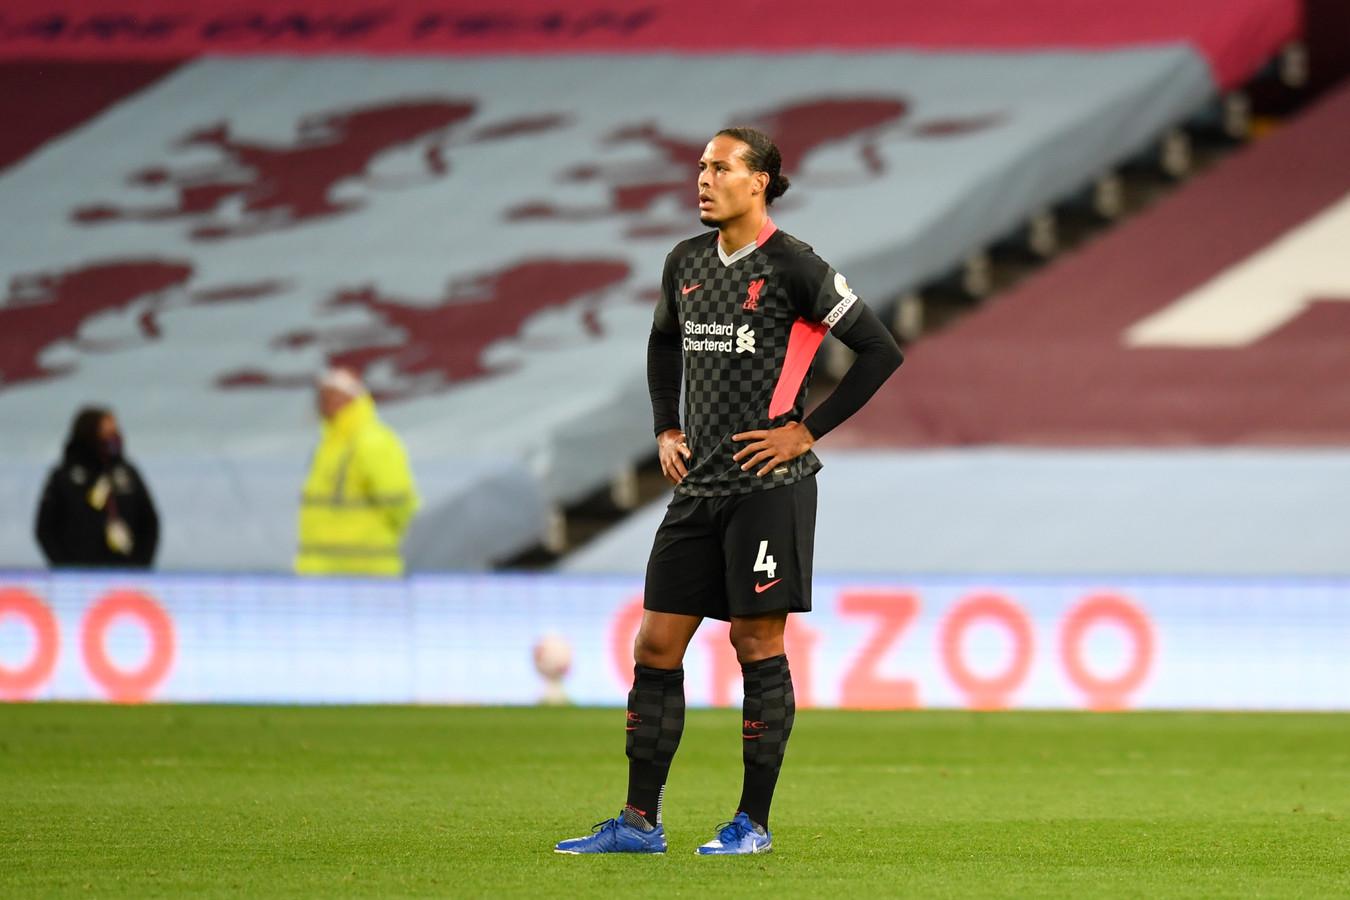 Virgil van Dijk gisteravond op Villa Park, waar Liverpool met 7-2 verloor van Aston Villa.